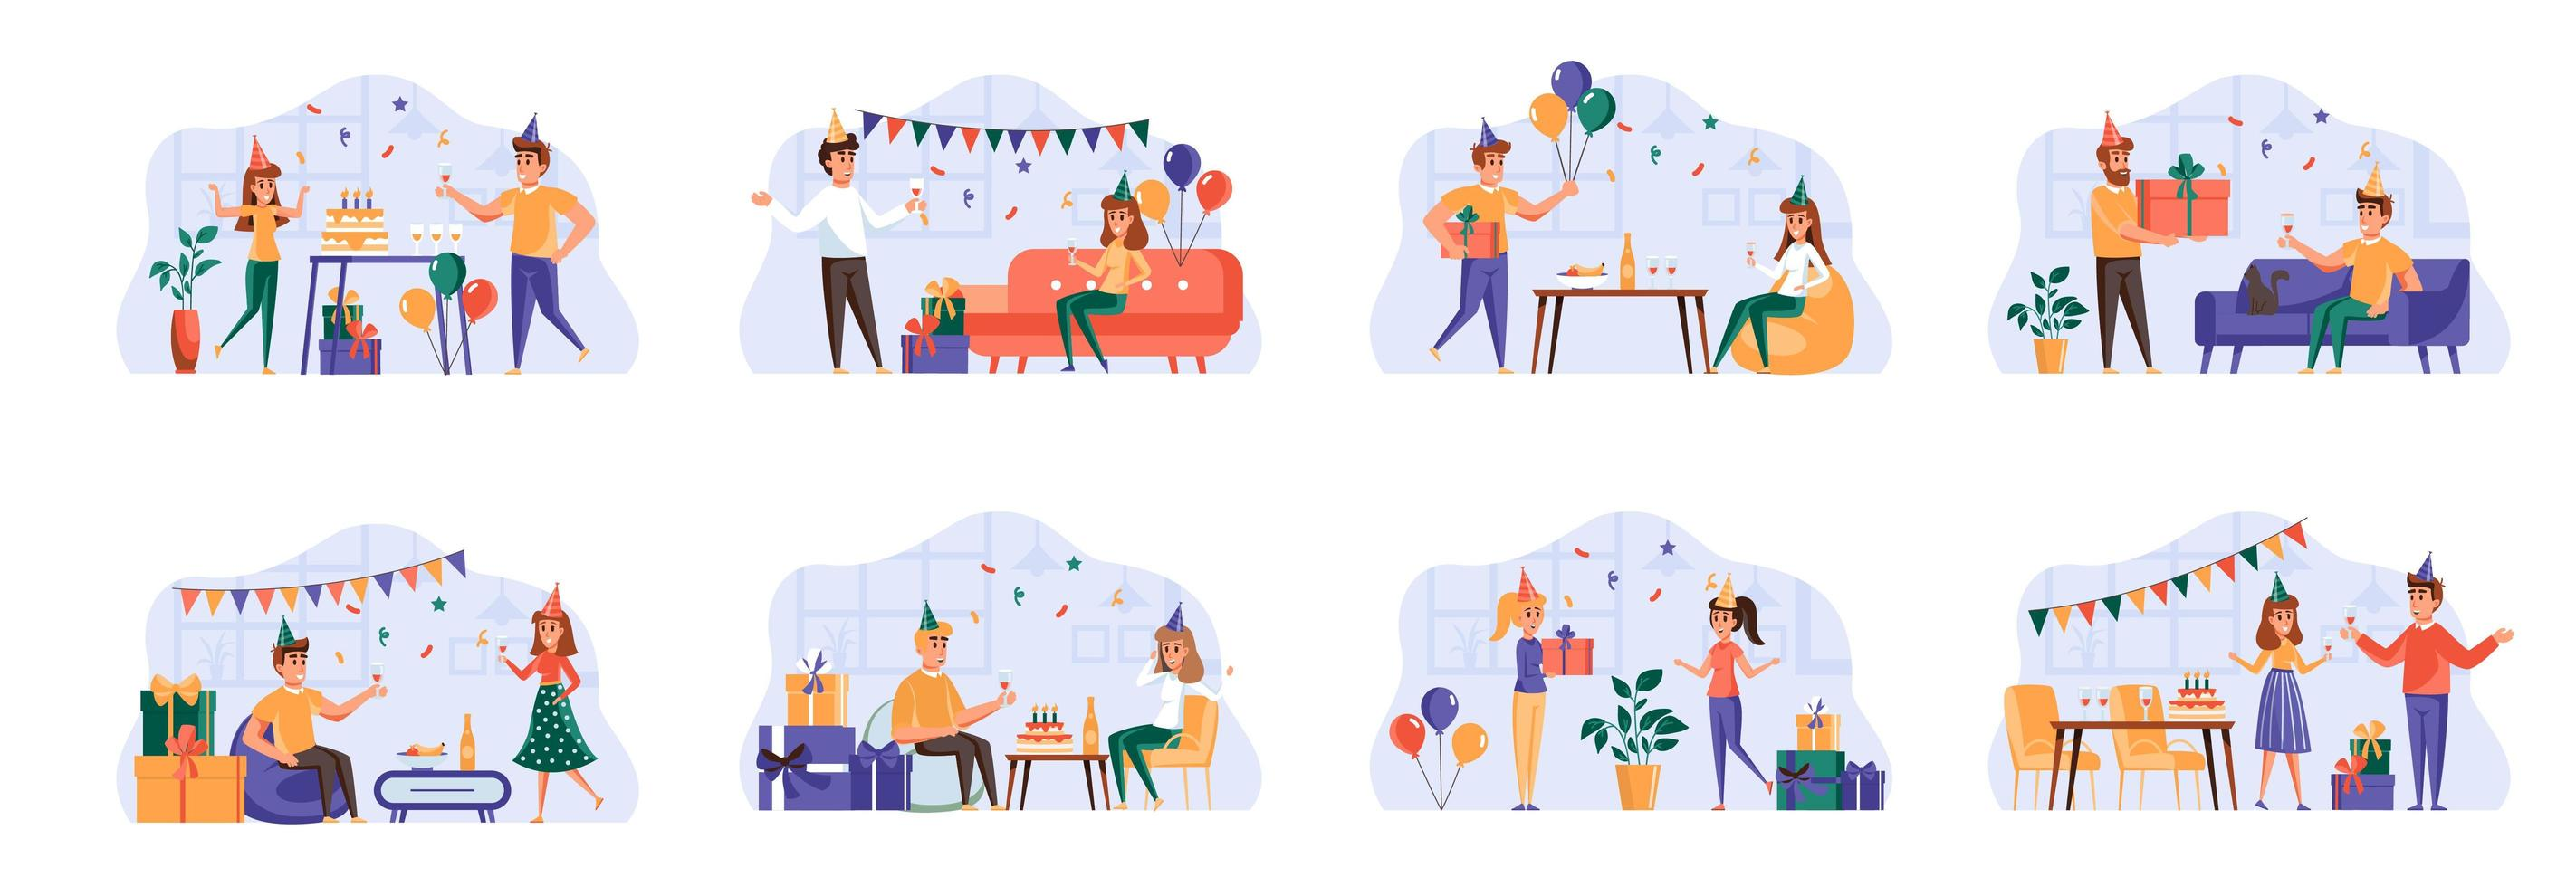 Partyszenen bündeln sich mit Personencharakteren. vektor